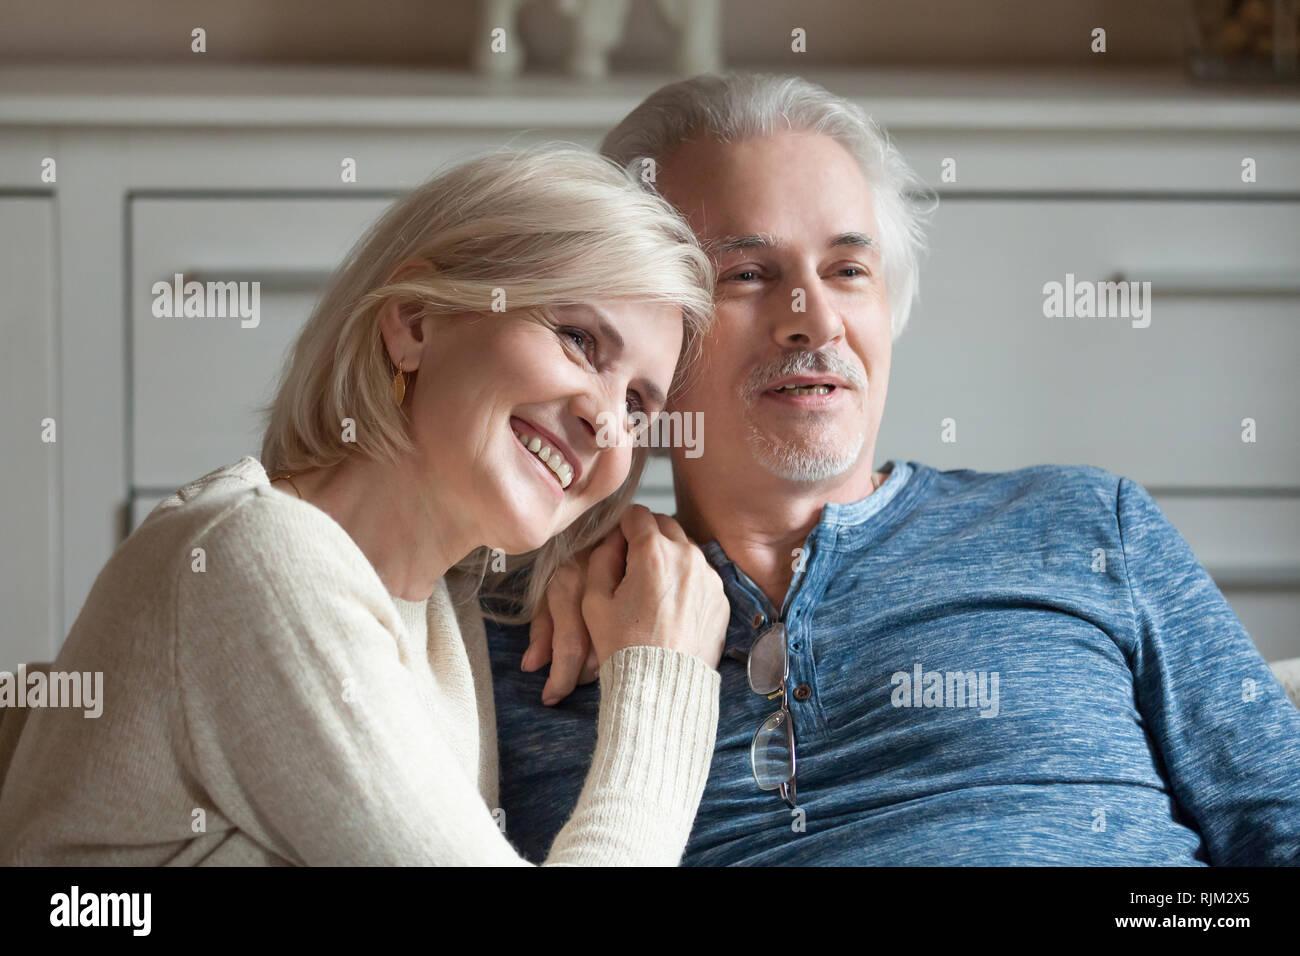 Beau vieux époux de passer du temps ensemble à regarder la télévision Photo Stock